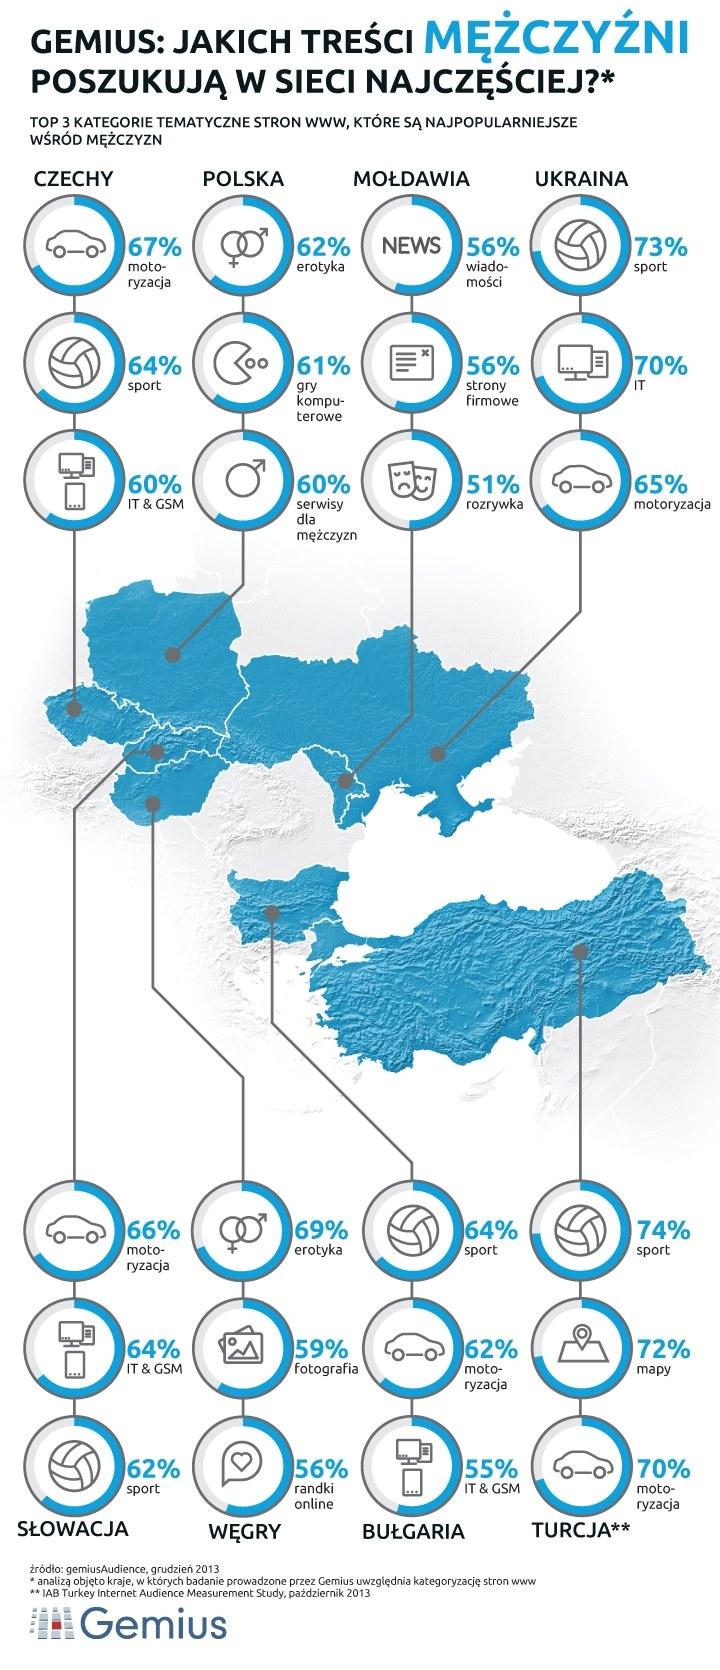 Które kategorie tematyczne stron www przyciągają najwięcej mężczyzn? /materiały prasowe